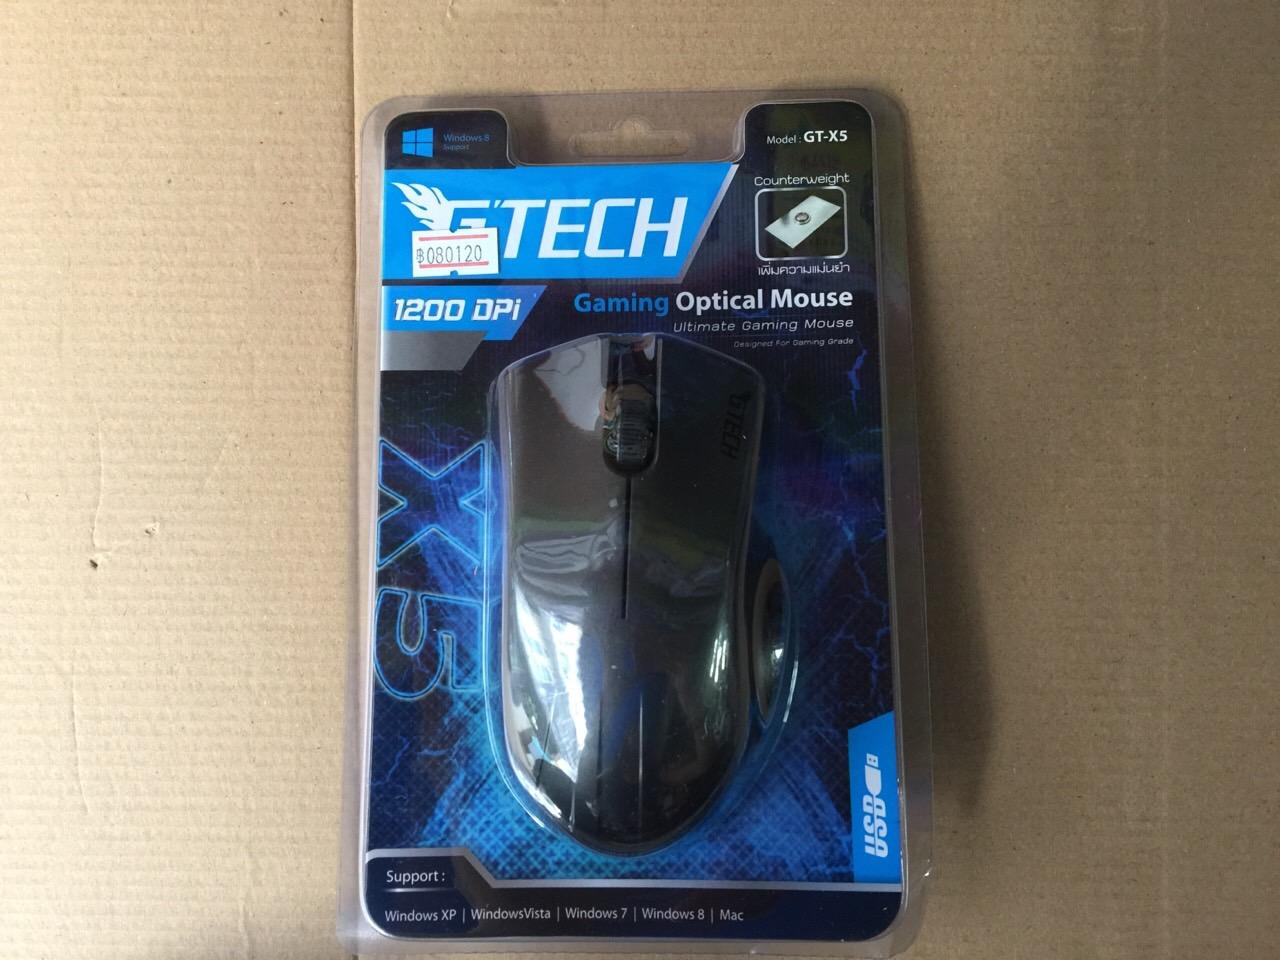 เม้าส์ mouse Gtech GT-X5